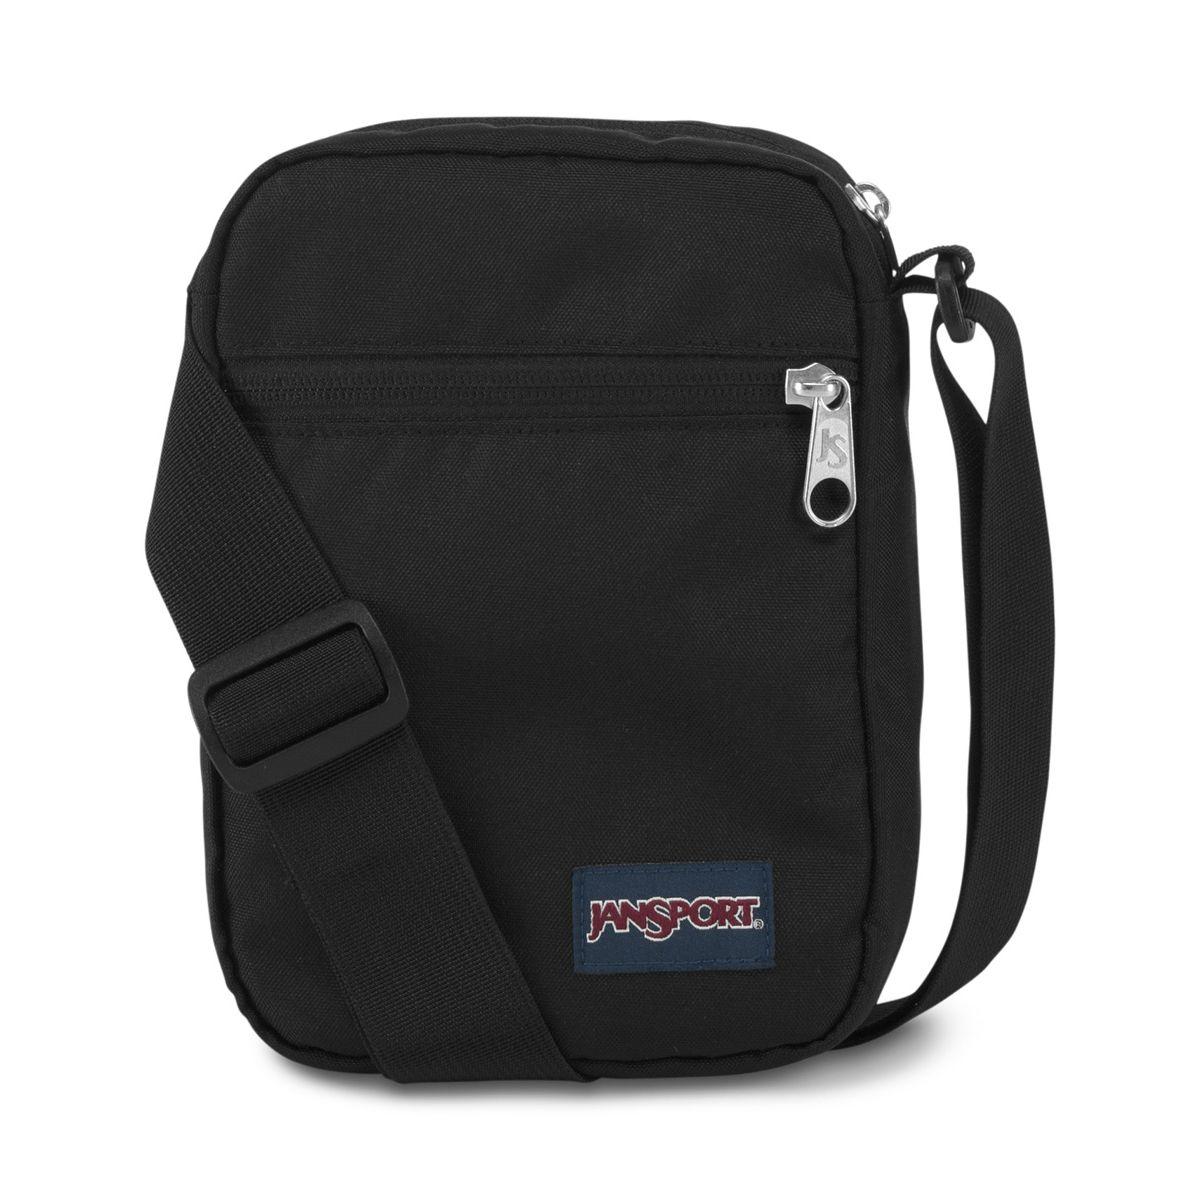 JanSport Weekender Mini Bag in Black